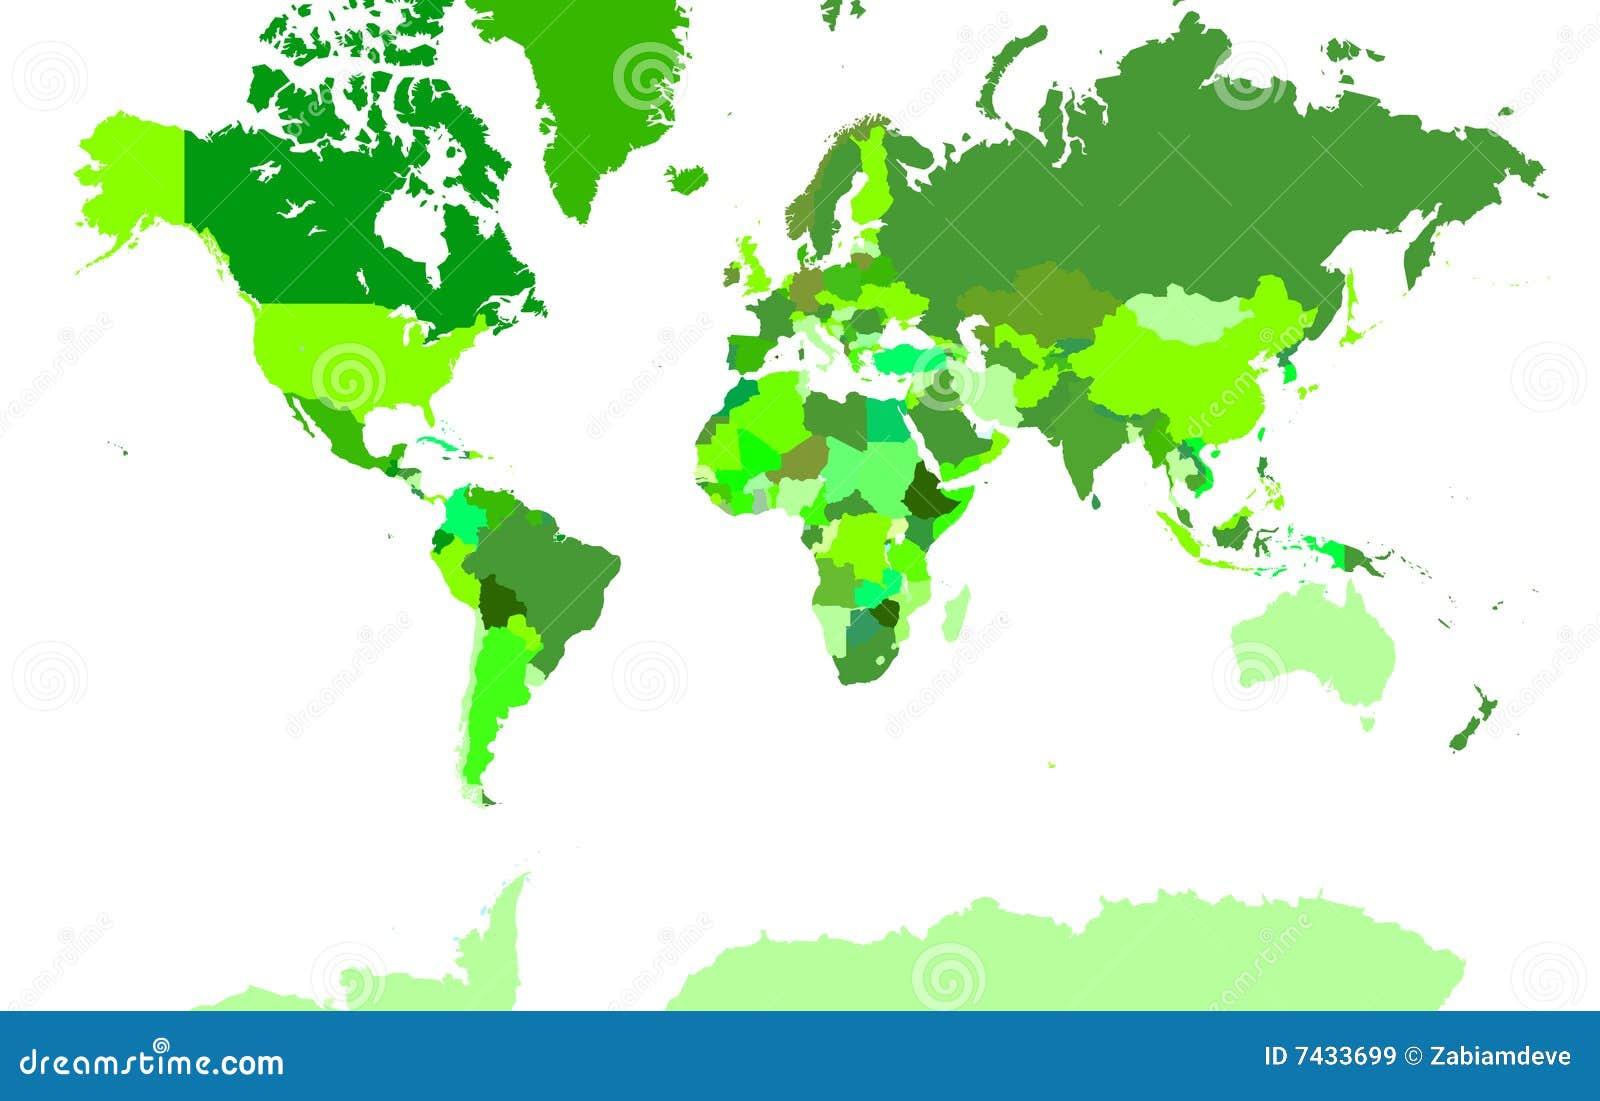 детальный экстренный мир карты